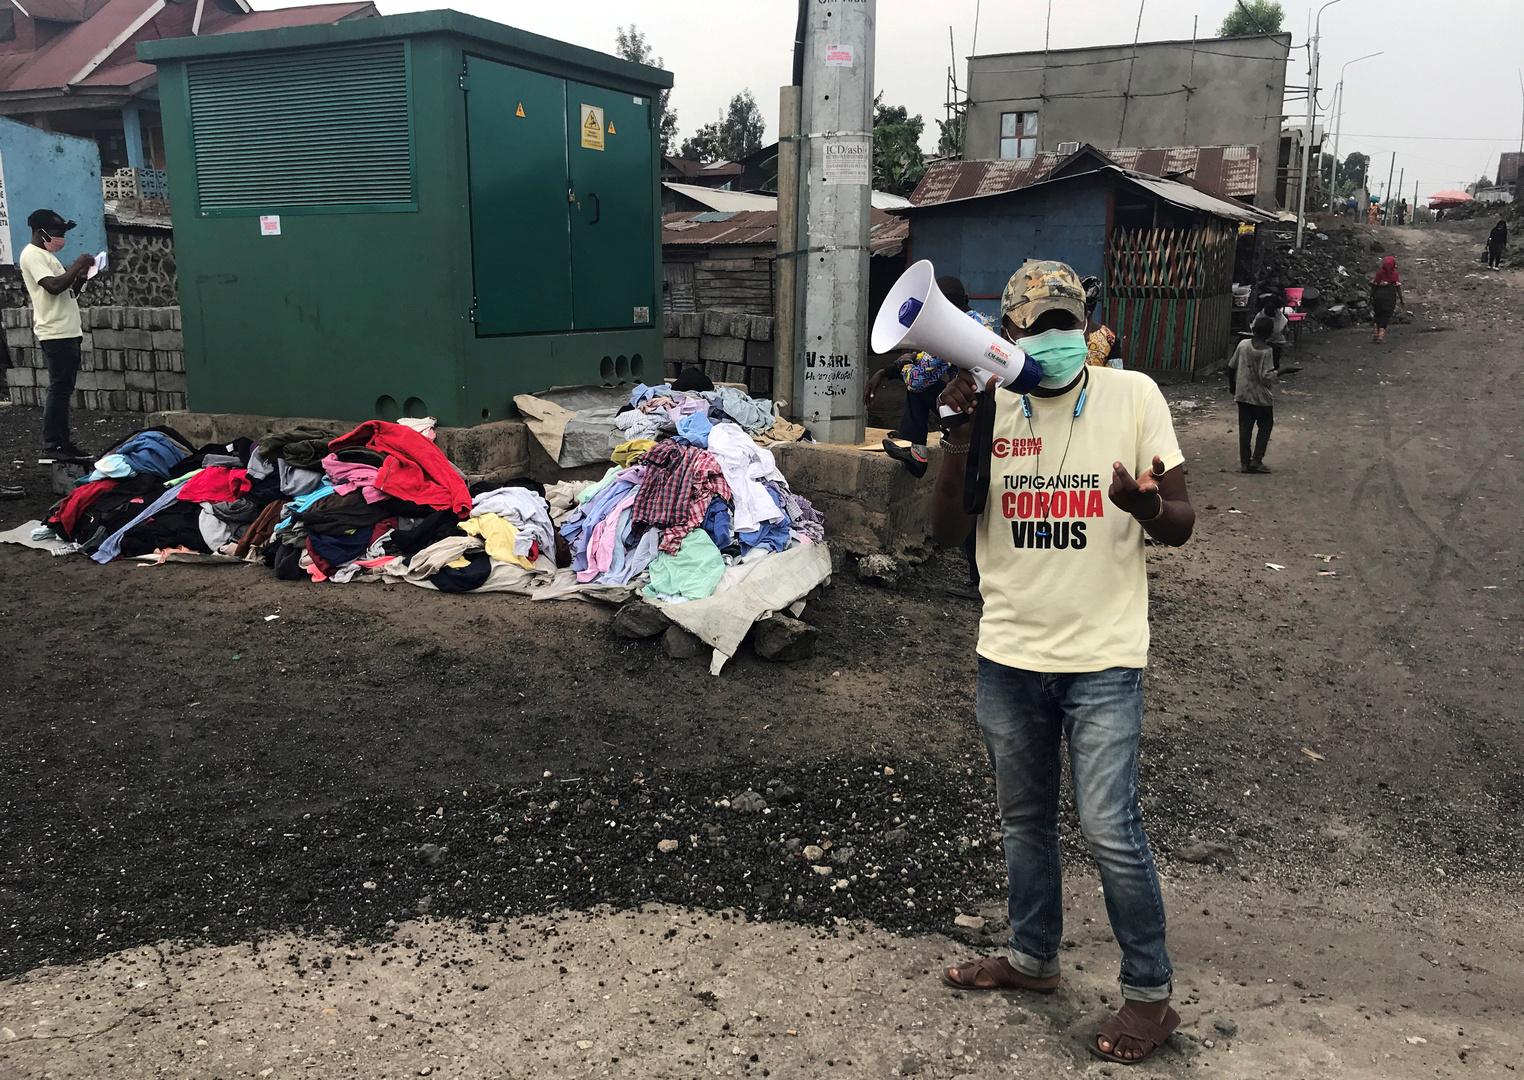 الكونغو الديمقراطية تسجل ثالث إصابة بإيبولا خلال أسبوع